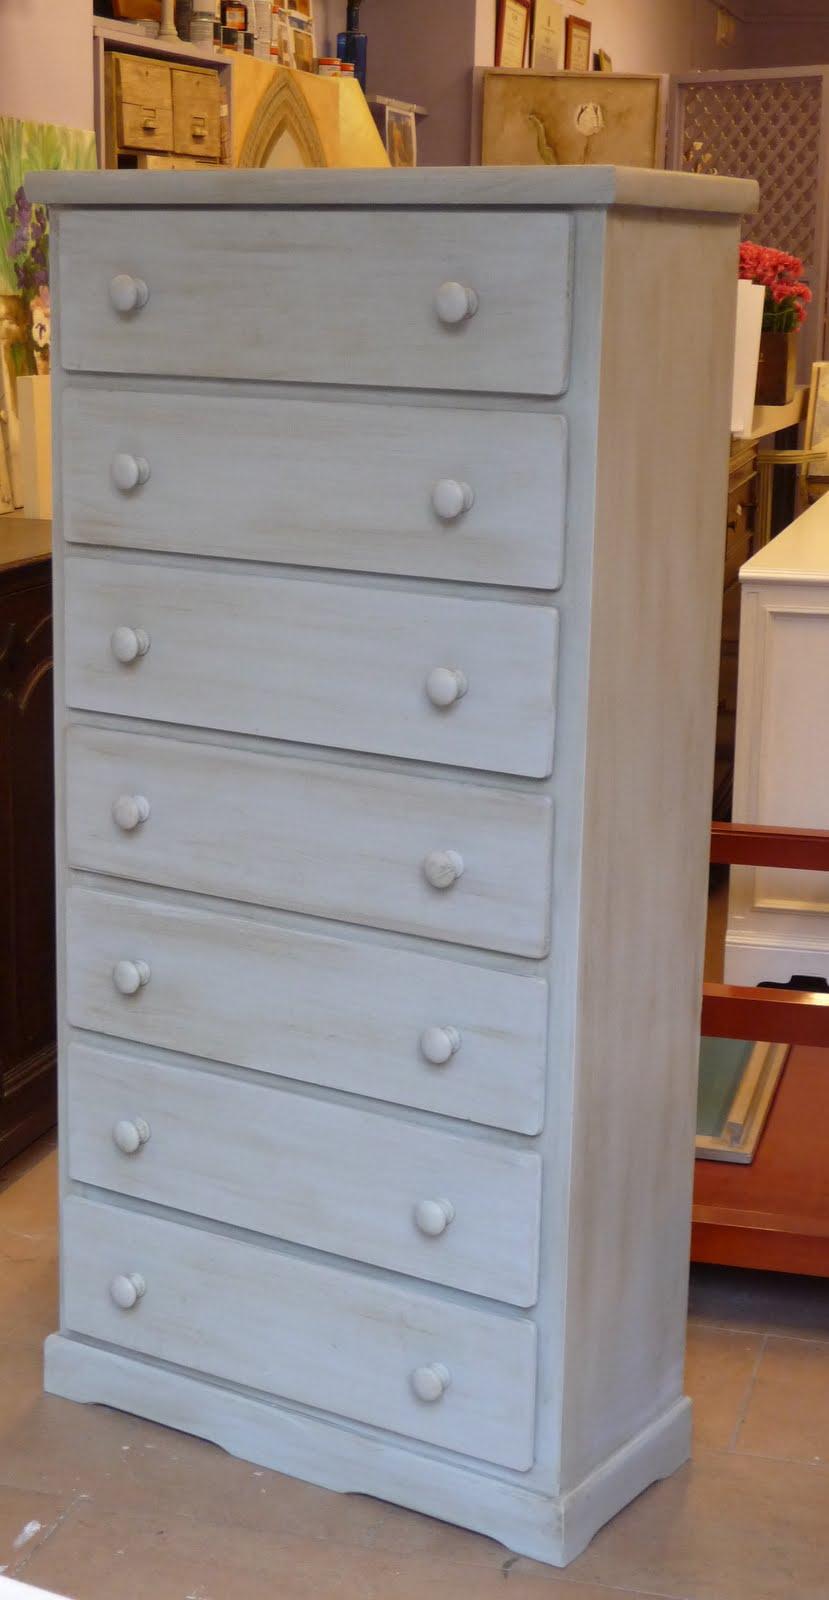 Candini muebles pintados nuevos y redecorados tienda - Taller restauracion muebles ...